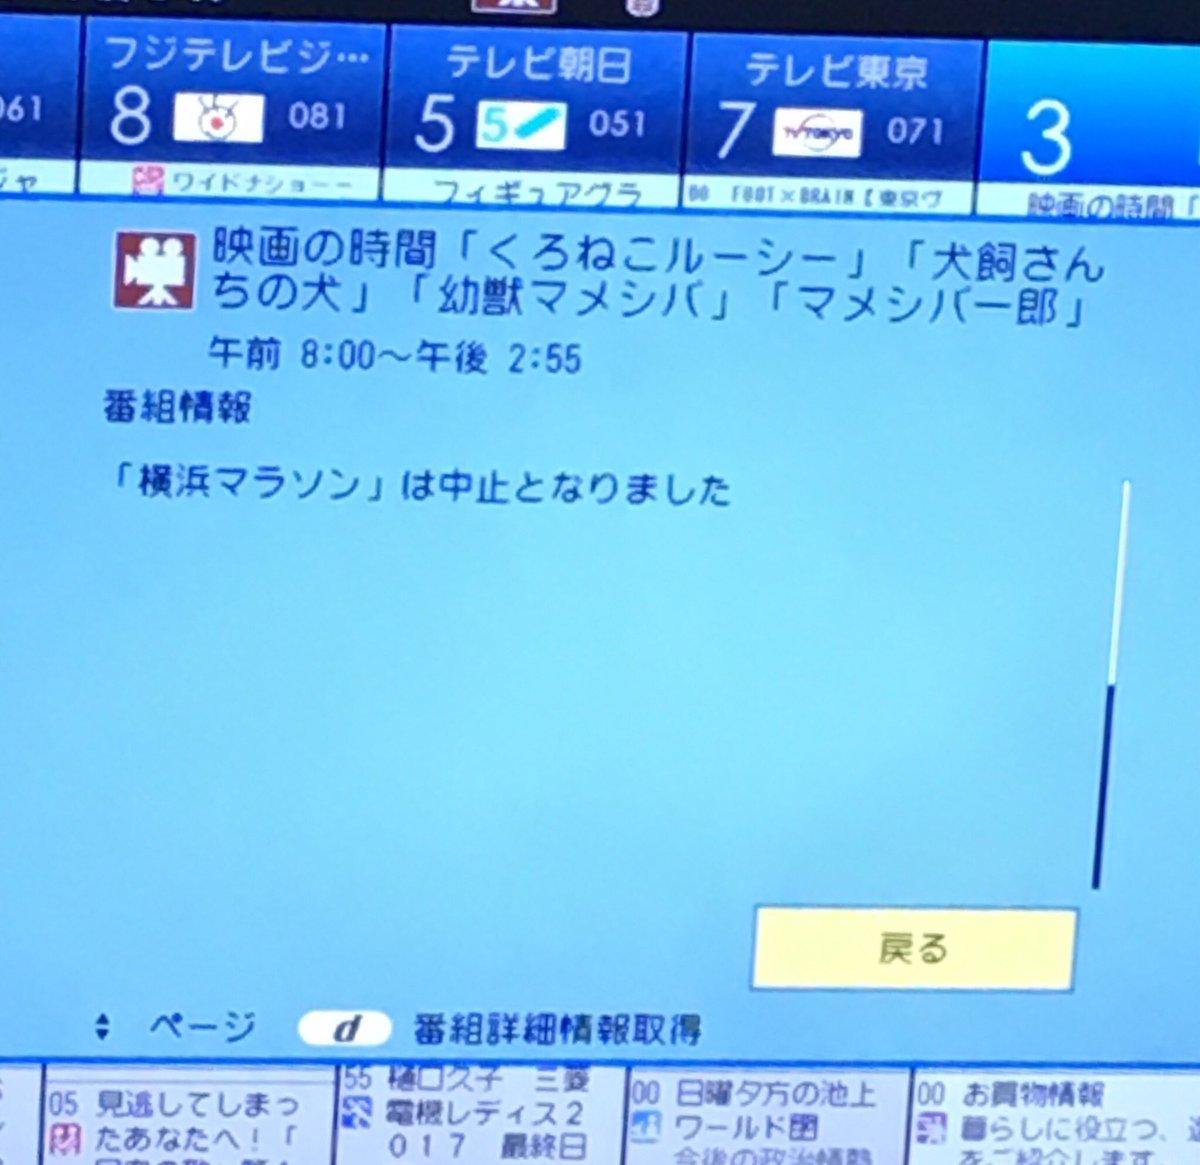 横浜マラソンが台風で中止になったからと、7時間近い枠を犬と猫だけでもたせるテレビ神奈川好き